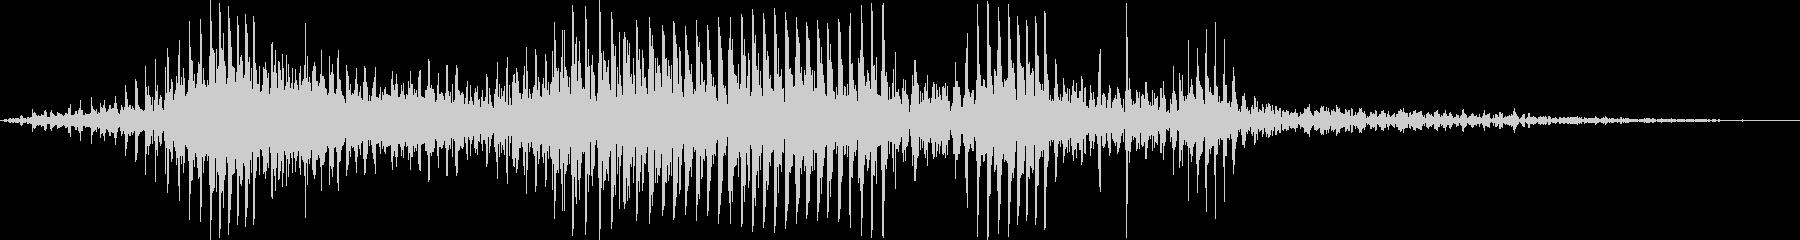 ダートゴーカートの運転の未再生の波形